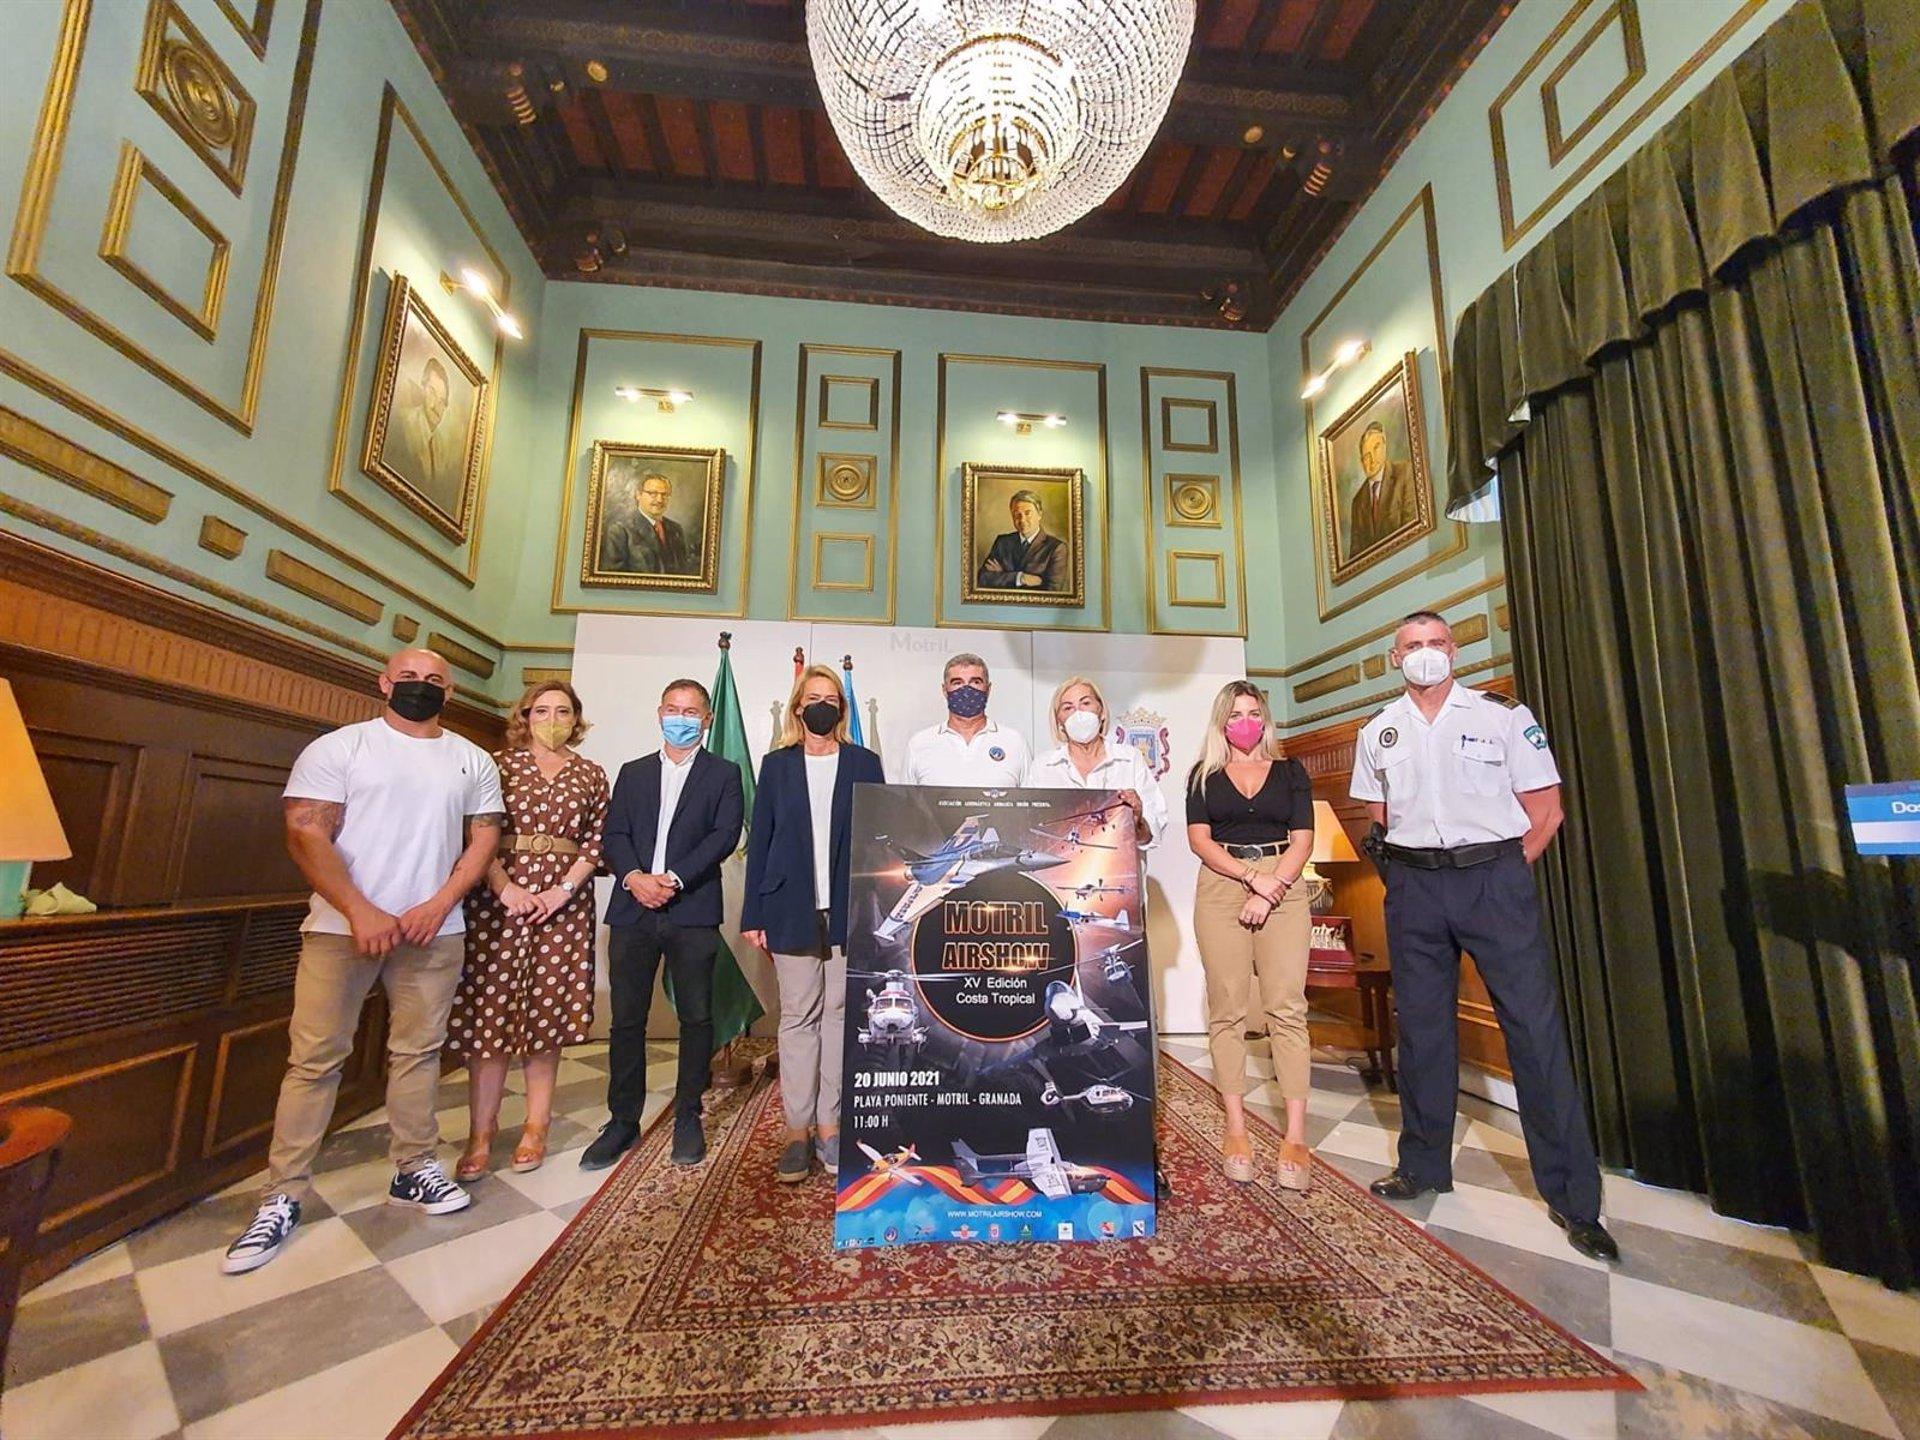 El Festival Aéreo de Motril llega a su 15ª edición tras un año de parón por pandemia